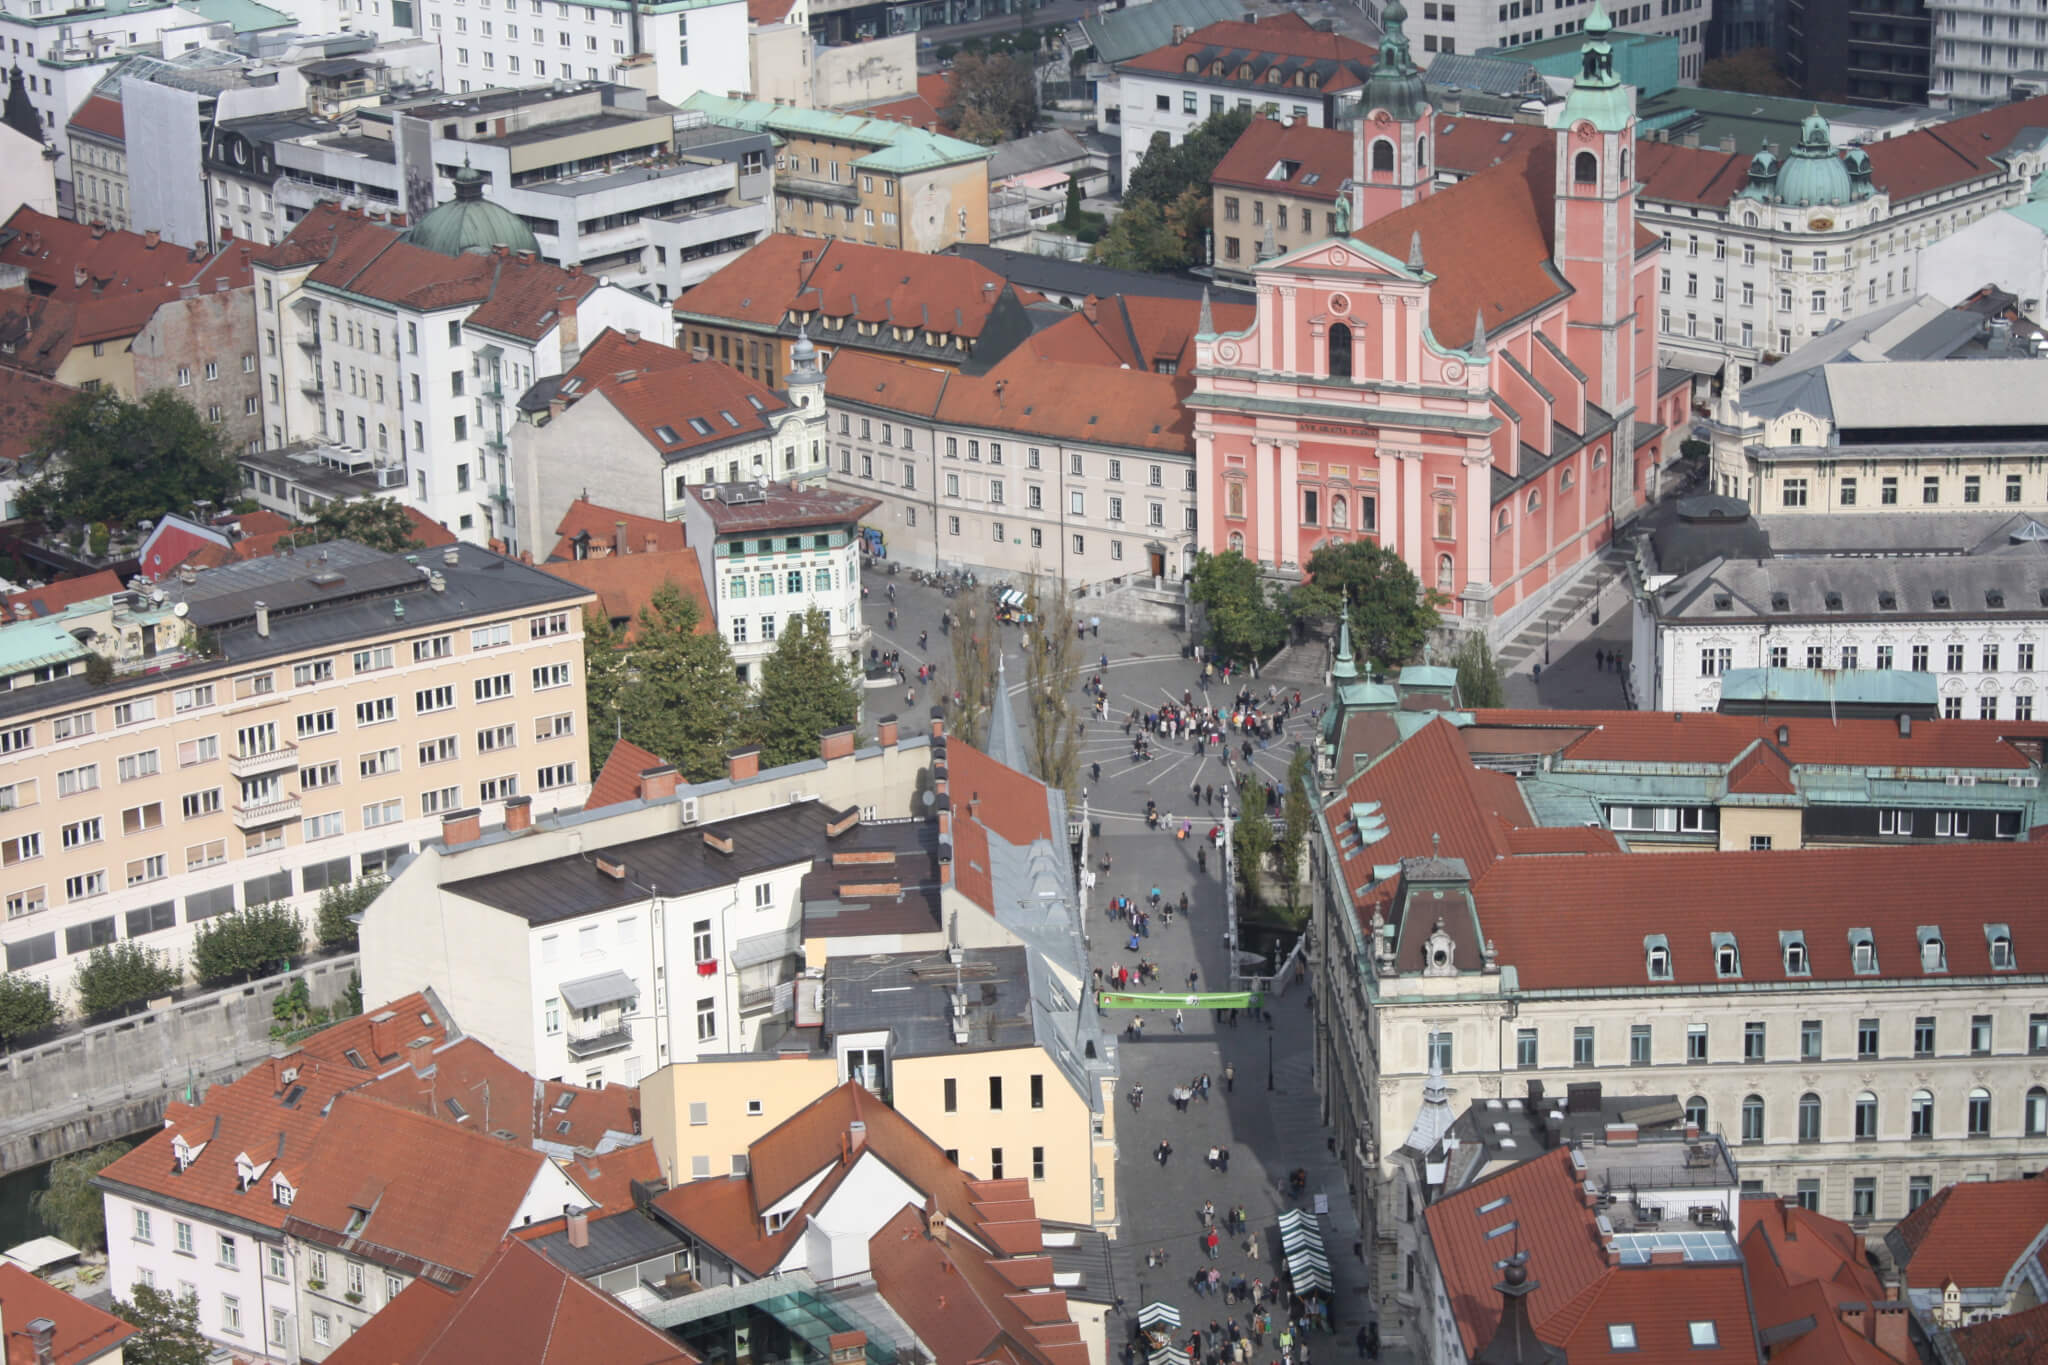 Prešernov trg, Ljubljana